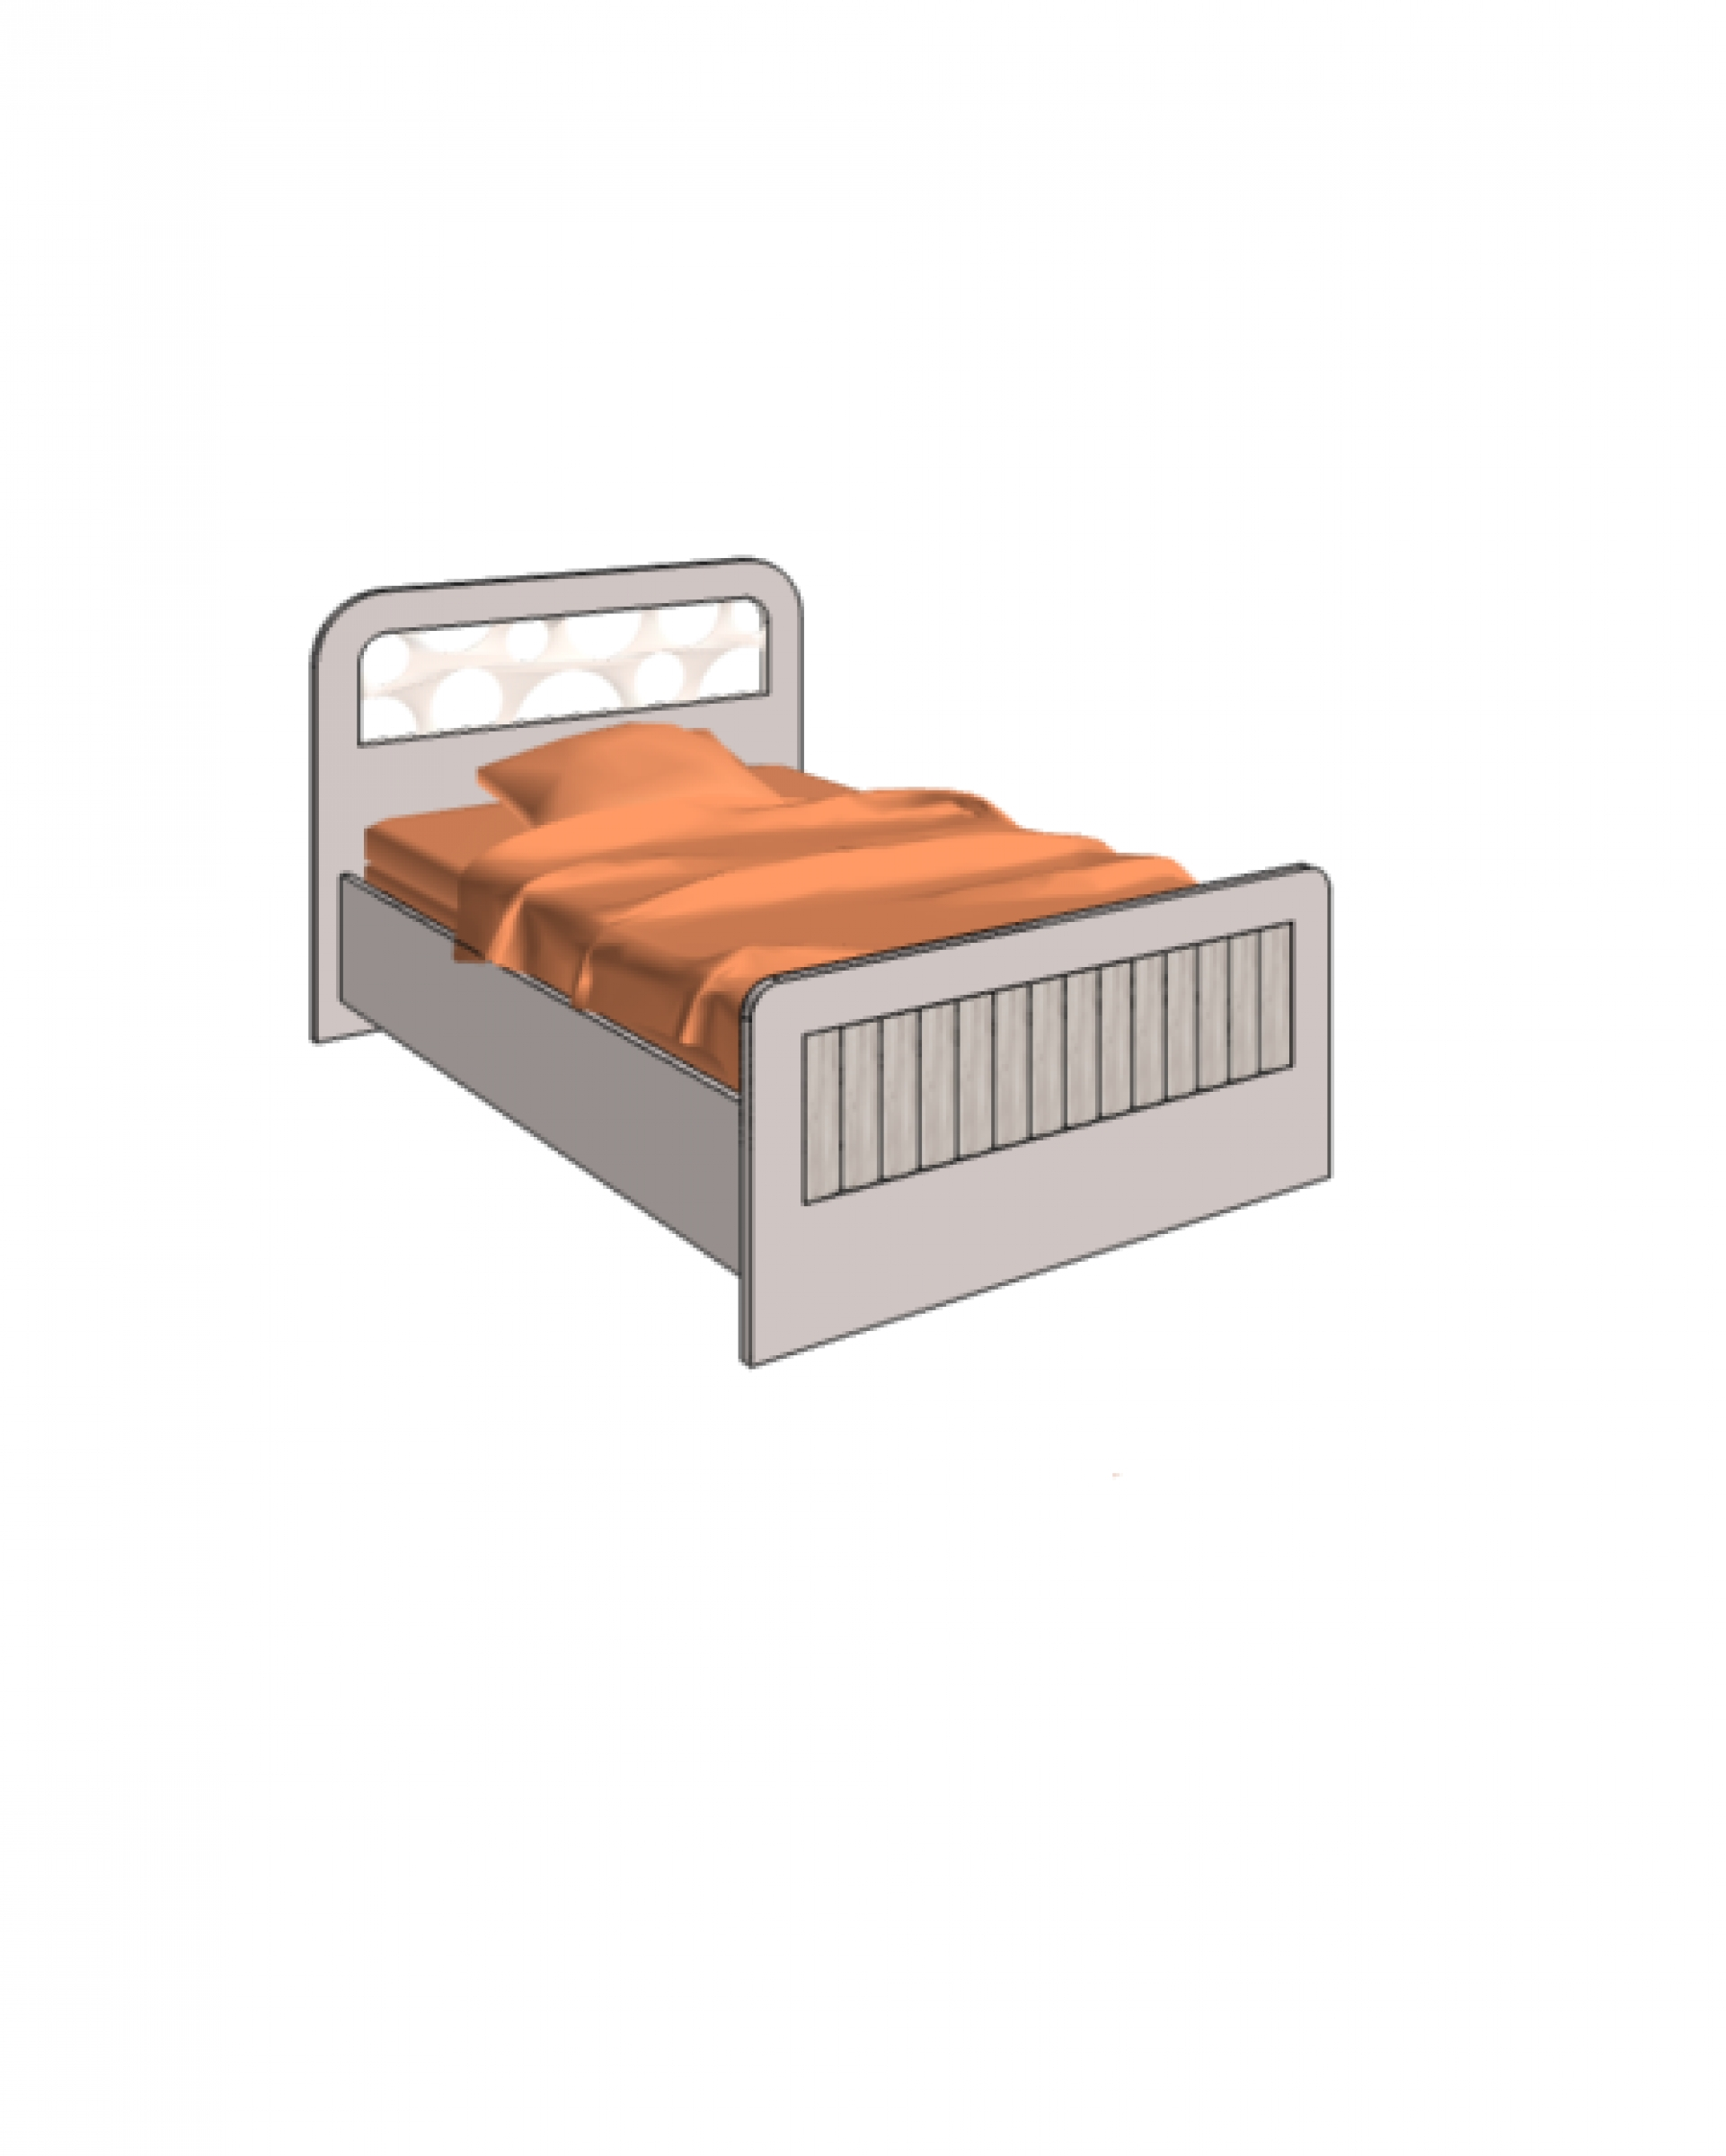 Klюkva кровать отдельностоящая с коробами и подъемным механизмом. арт: VB2_10